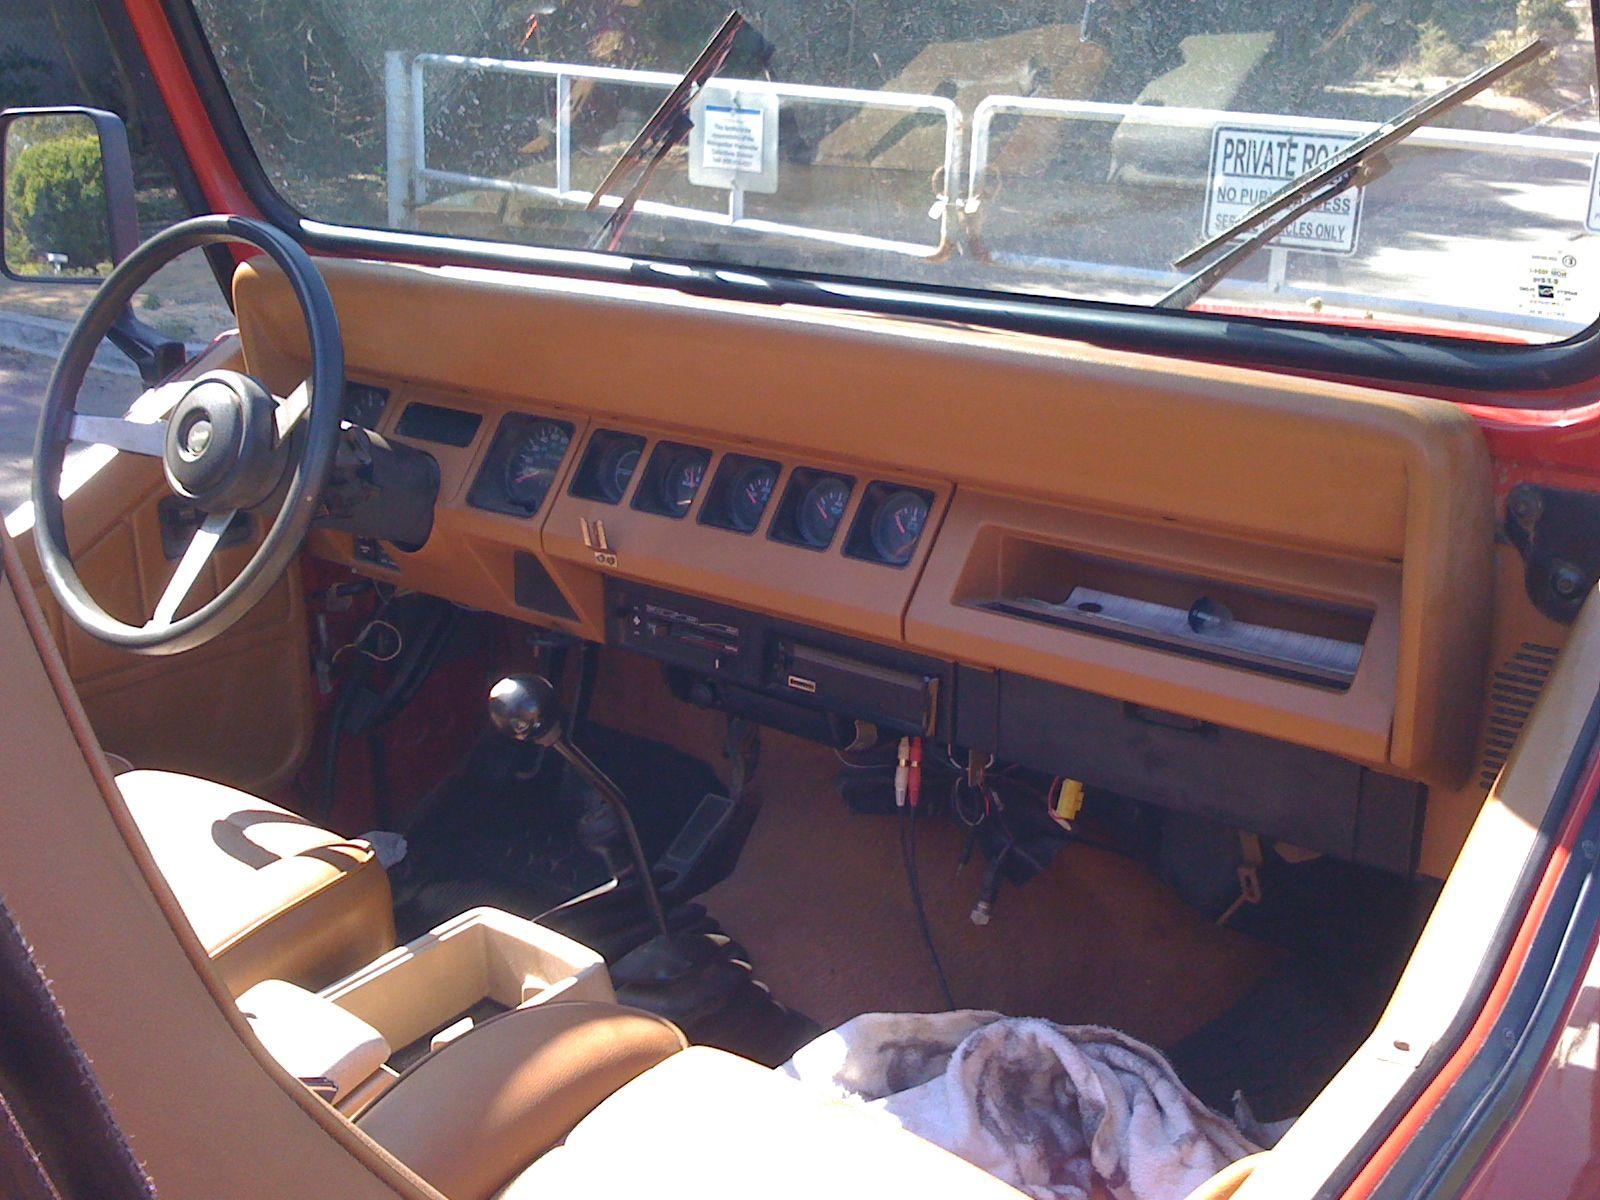 1993 Jeep Wrangler Image 1 Jeep Yj Jeep Wrangler Yj Jeep